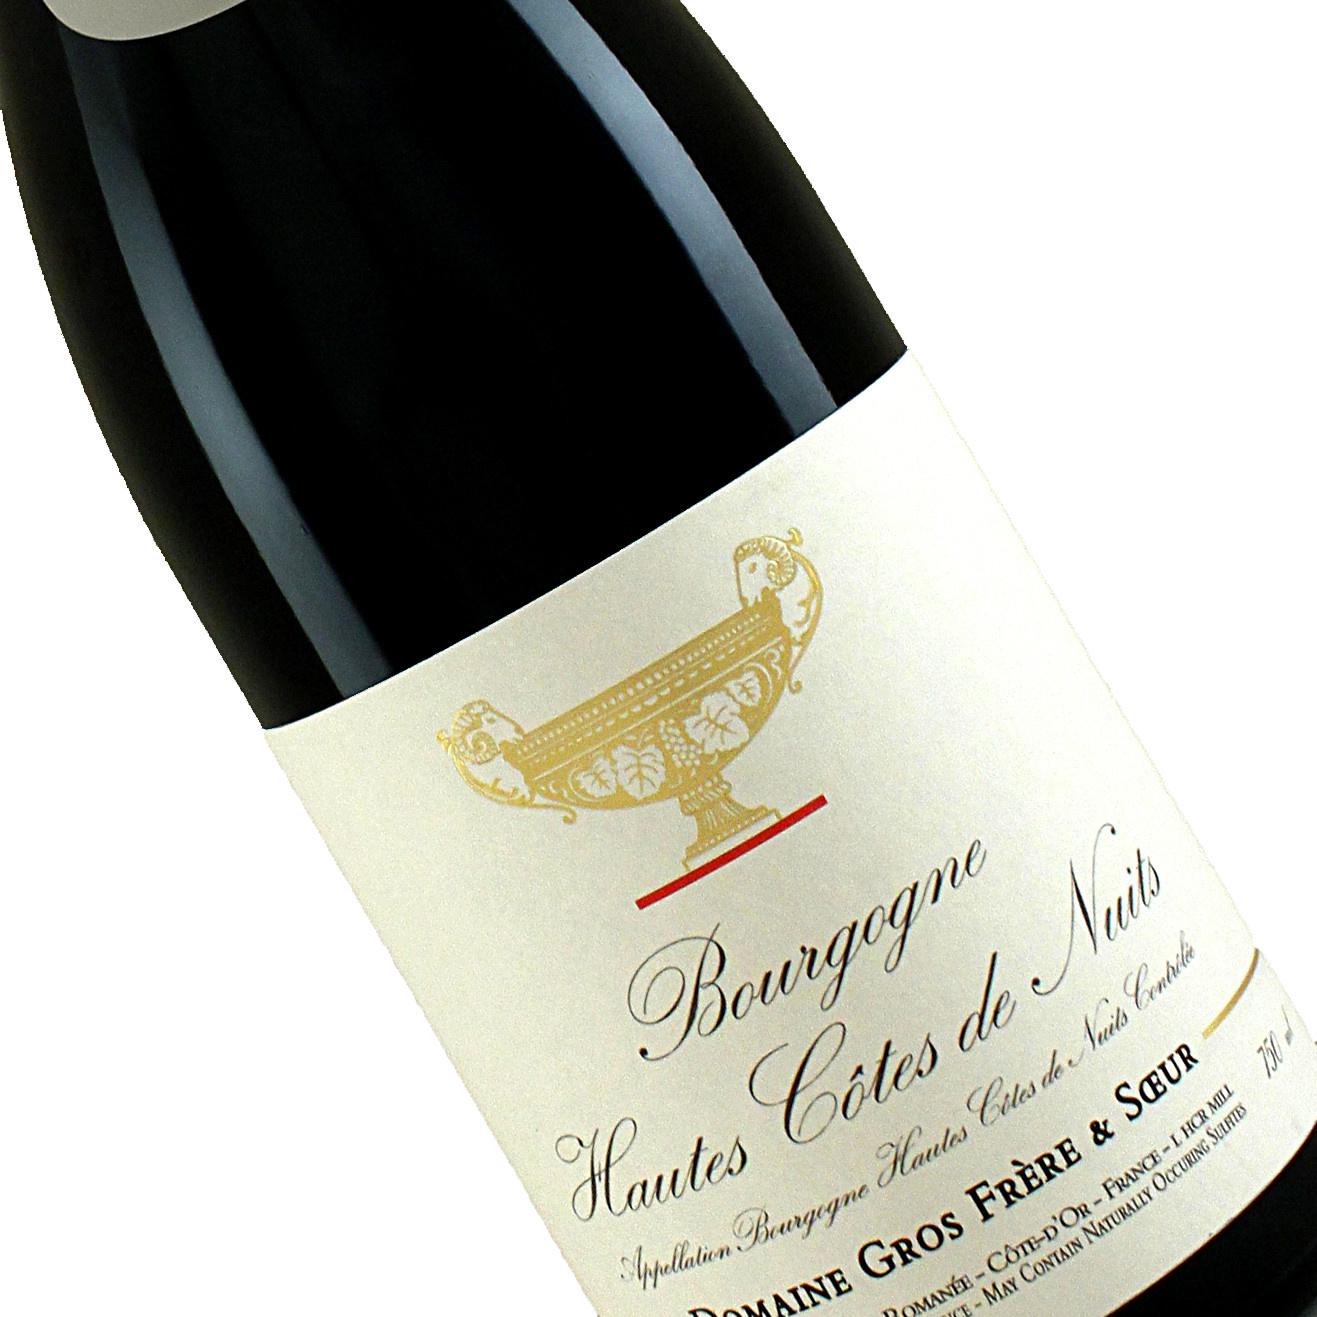 Domaine Gros Frere & Soeur 2017 Bourgogne Hautes Cotes de Nuits, Red Burgundy